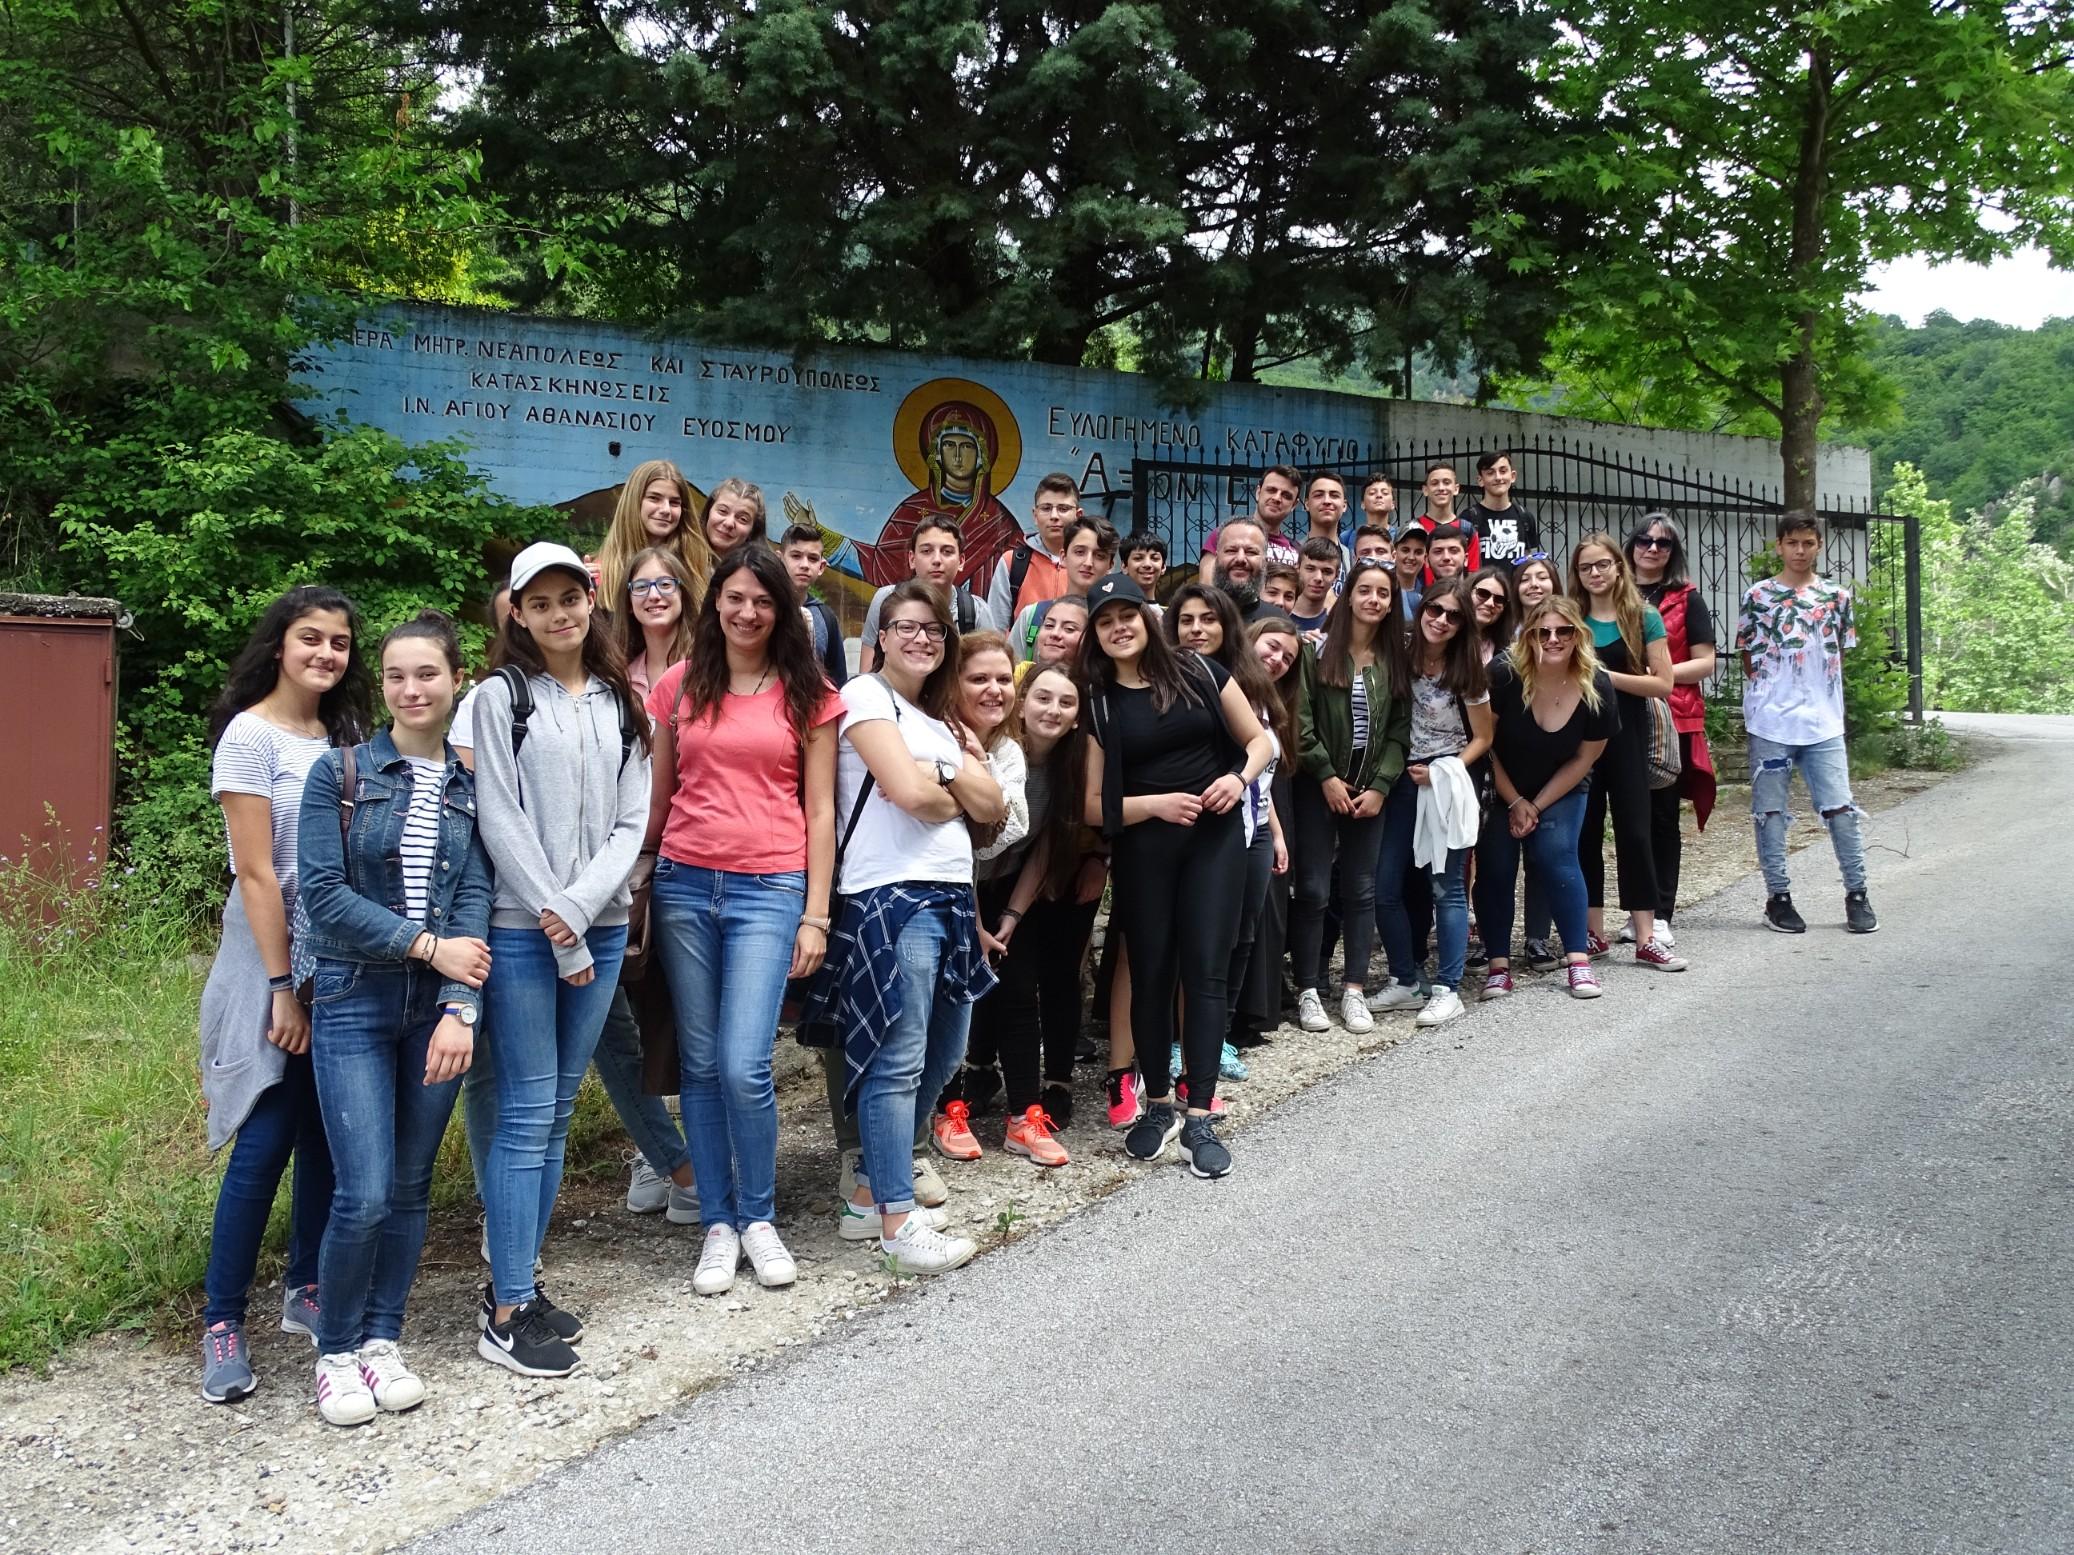 Εκδρομή Συντροφιών Γυμνασίου στην Κερκίνη και την Κατασκήνωση